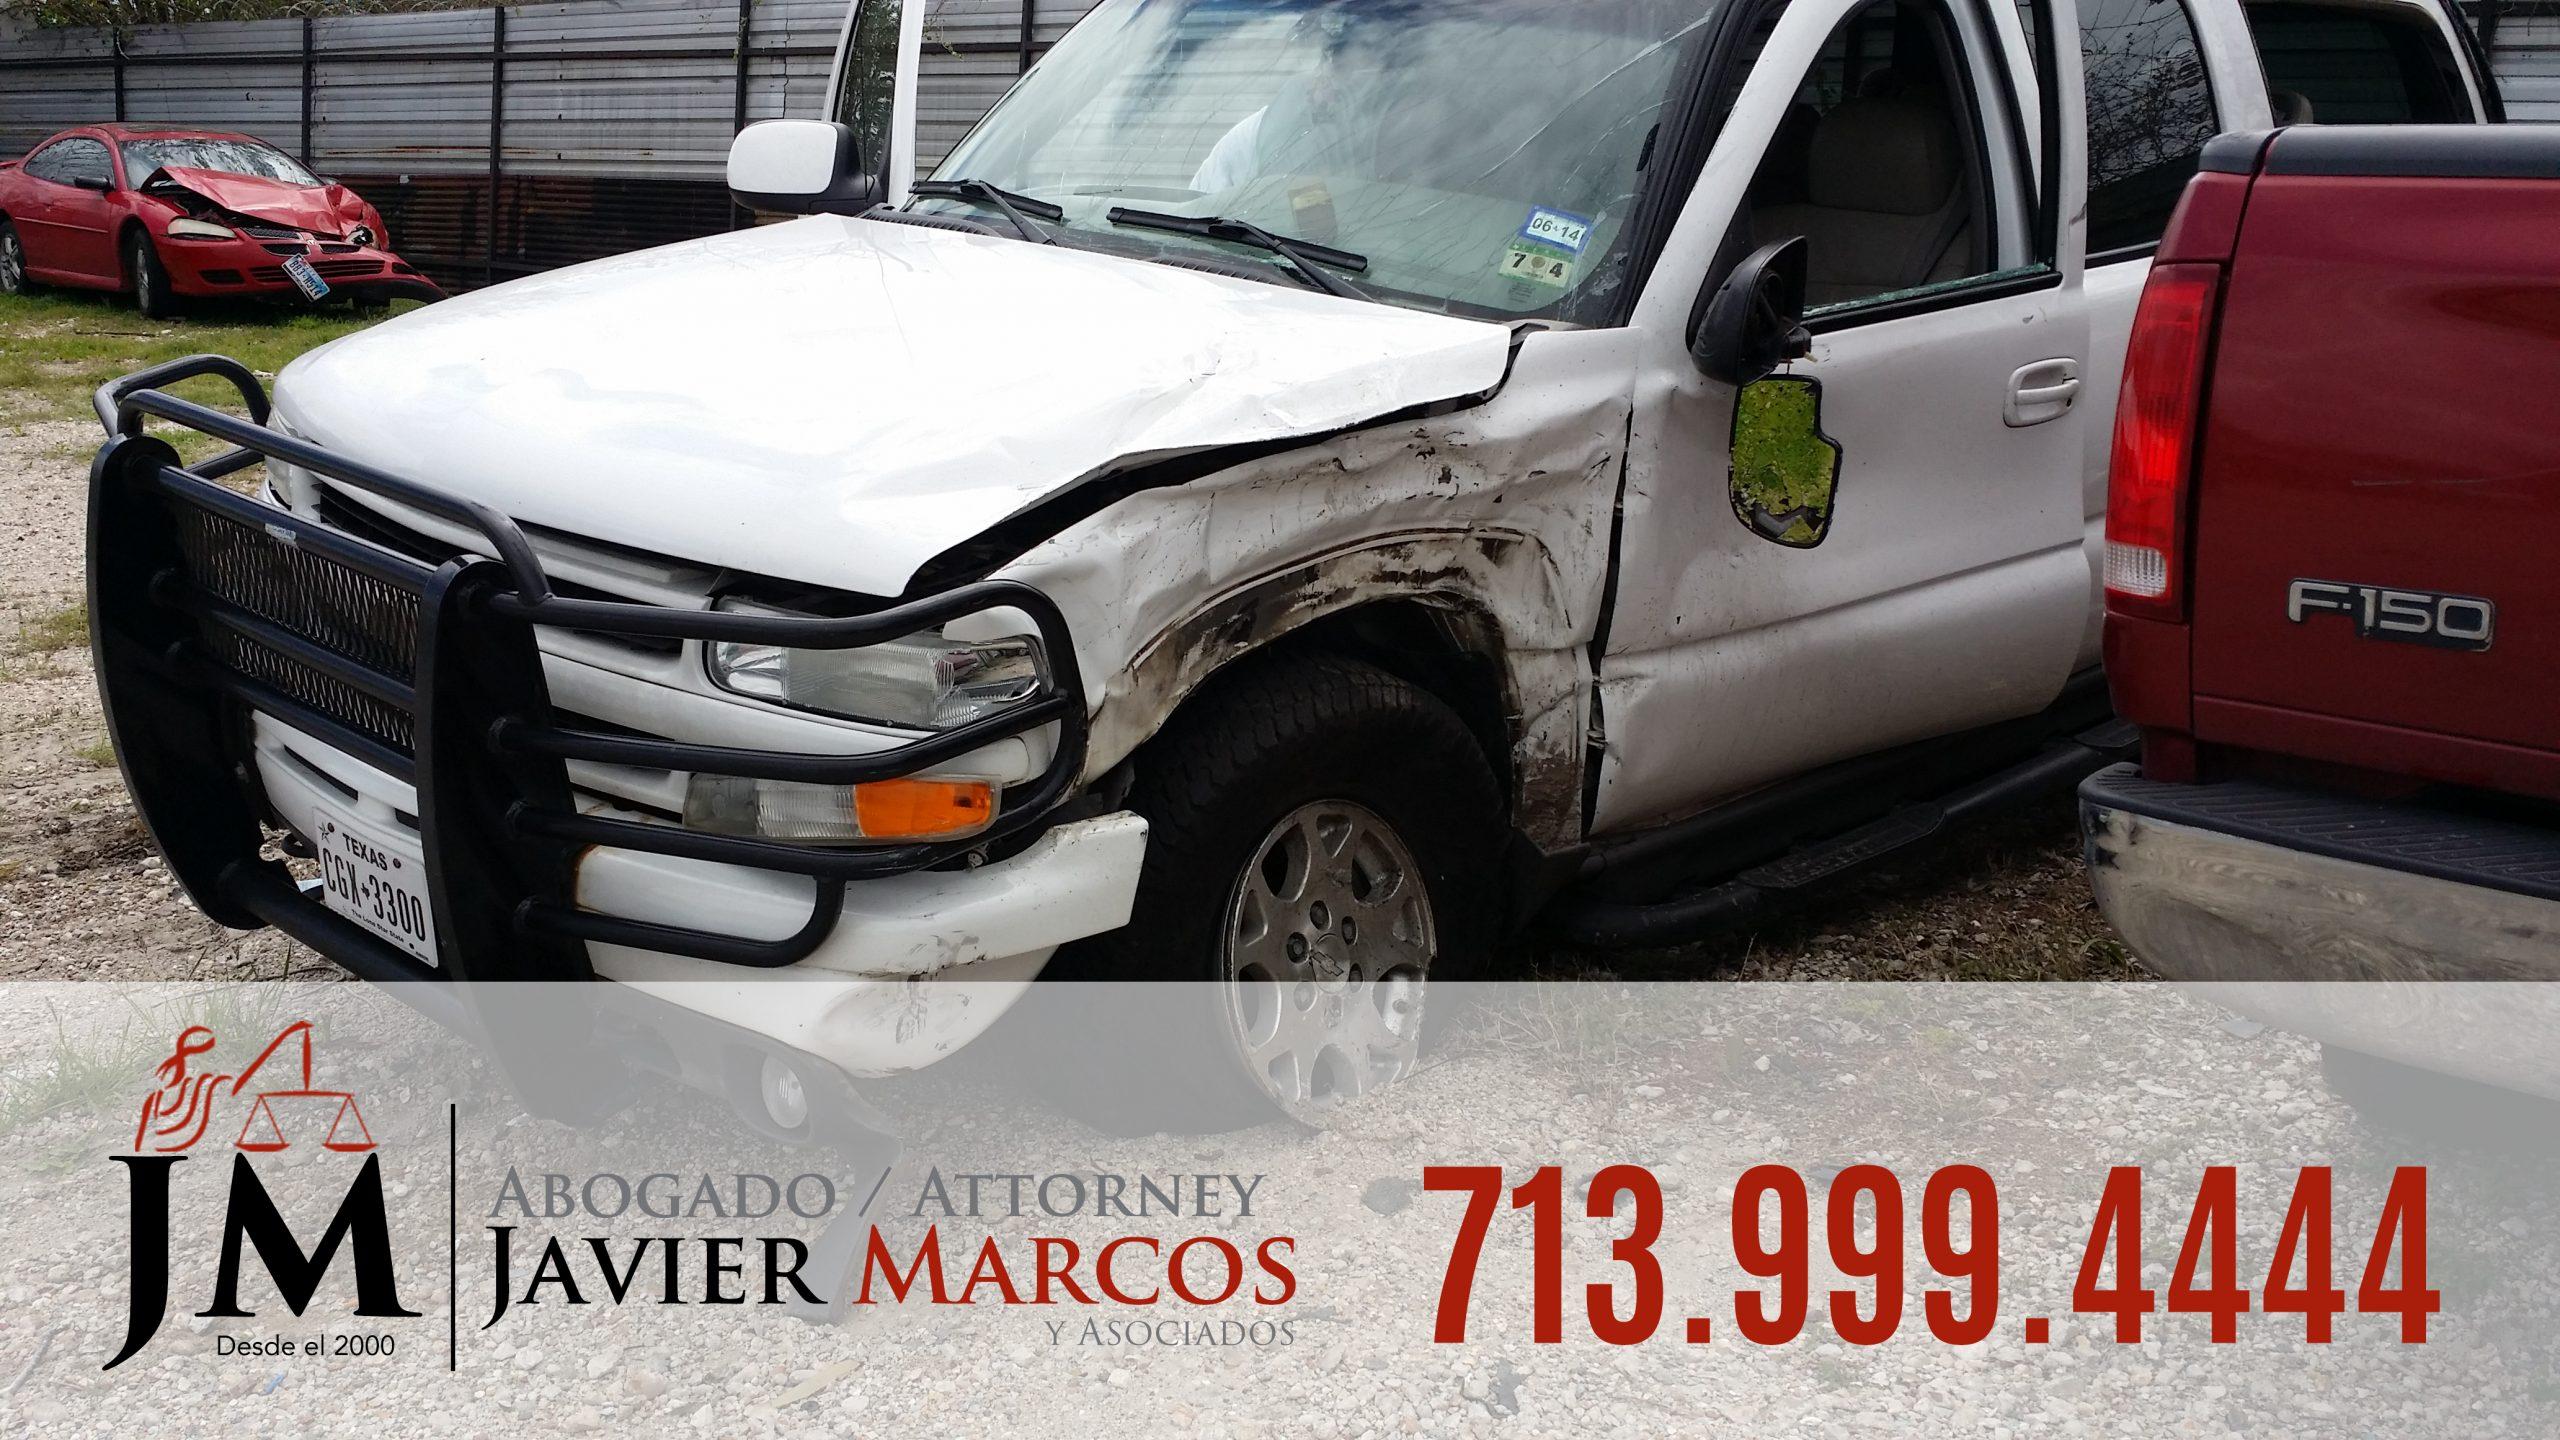 Lesiones Personales y Danos a la propiedad   Abogado Javier Marcos   713.999.4444